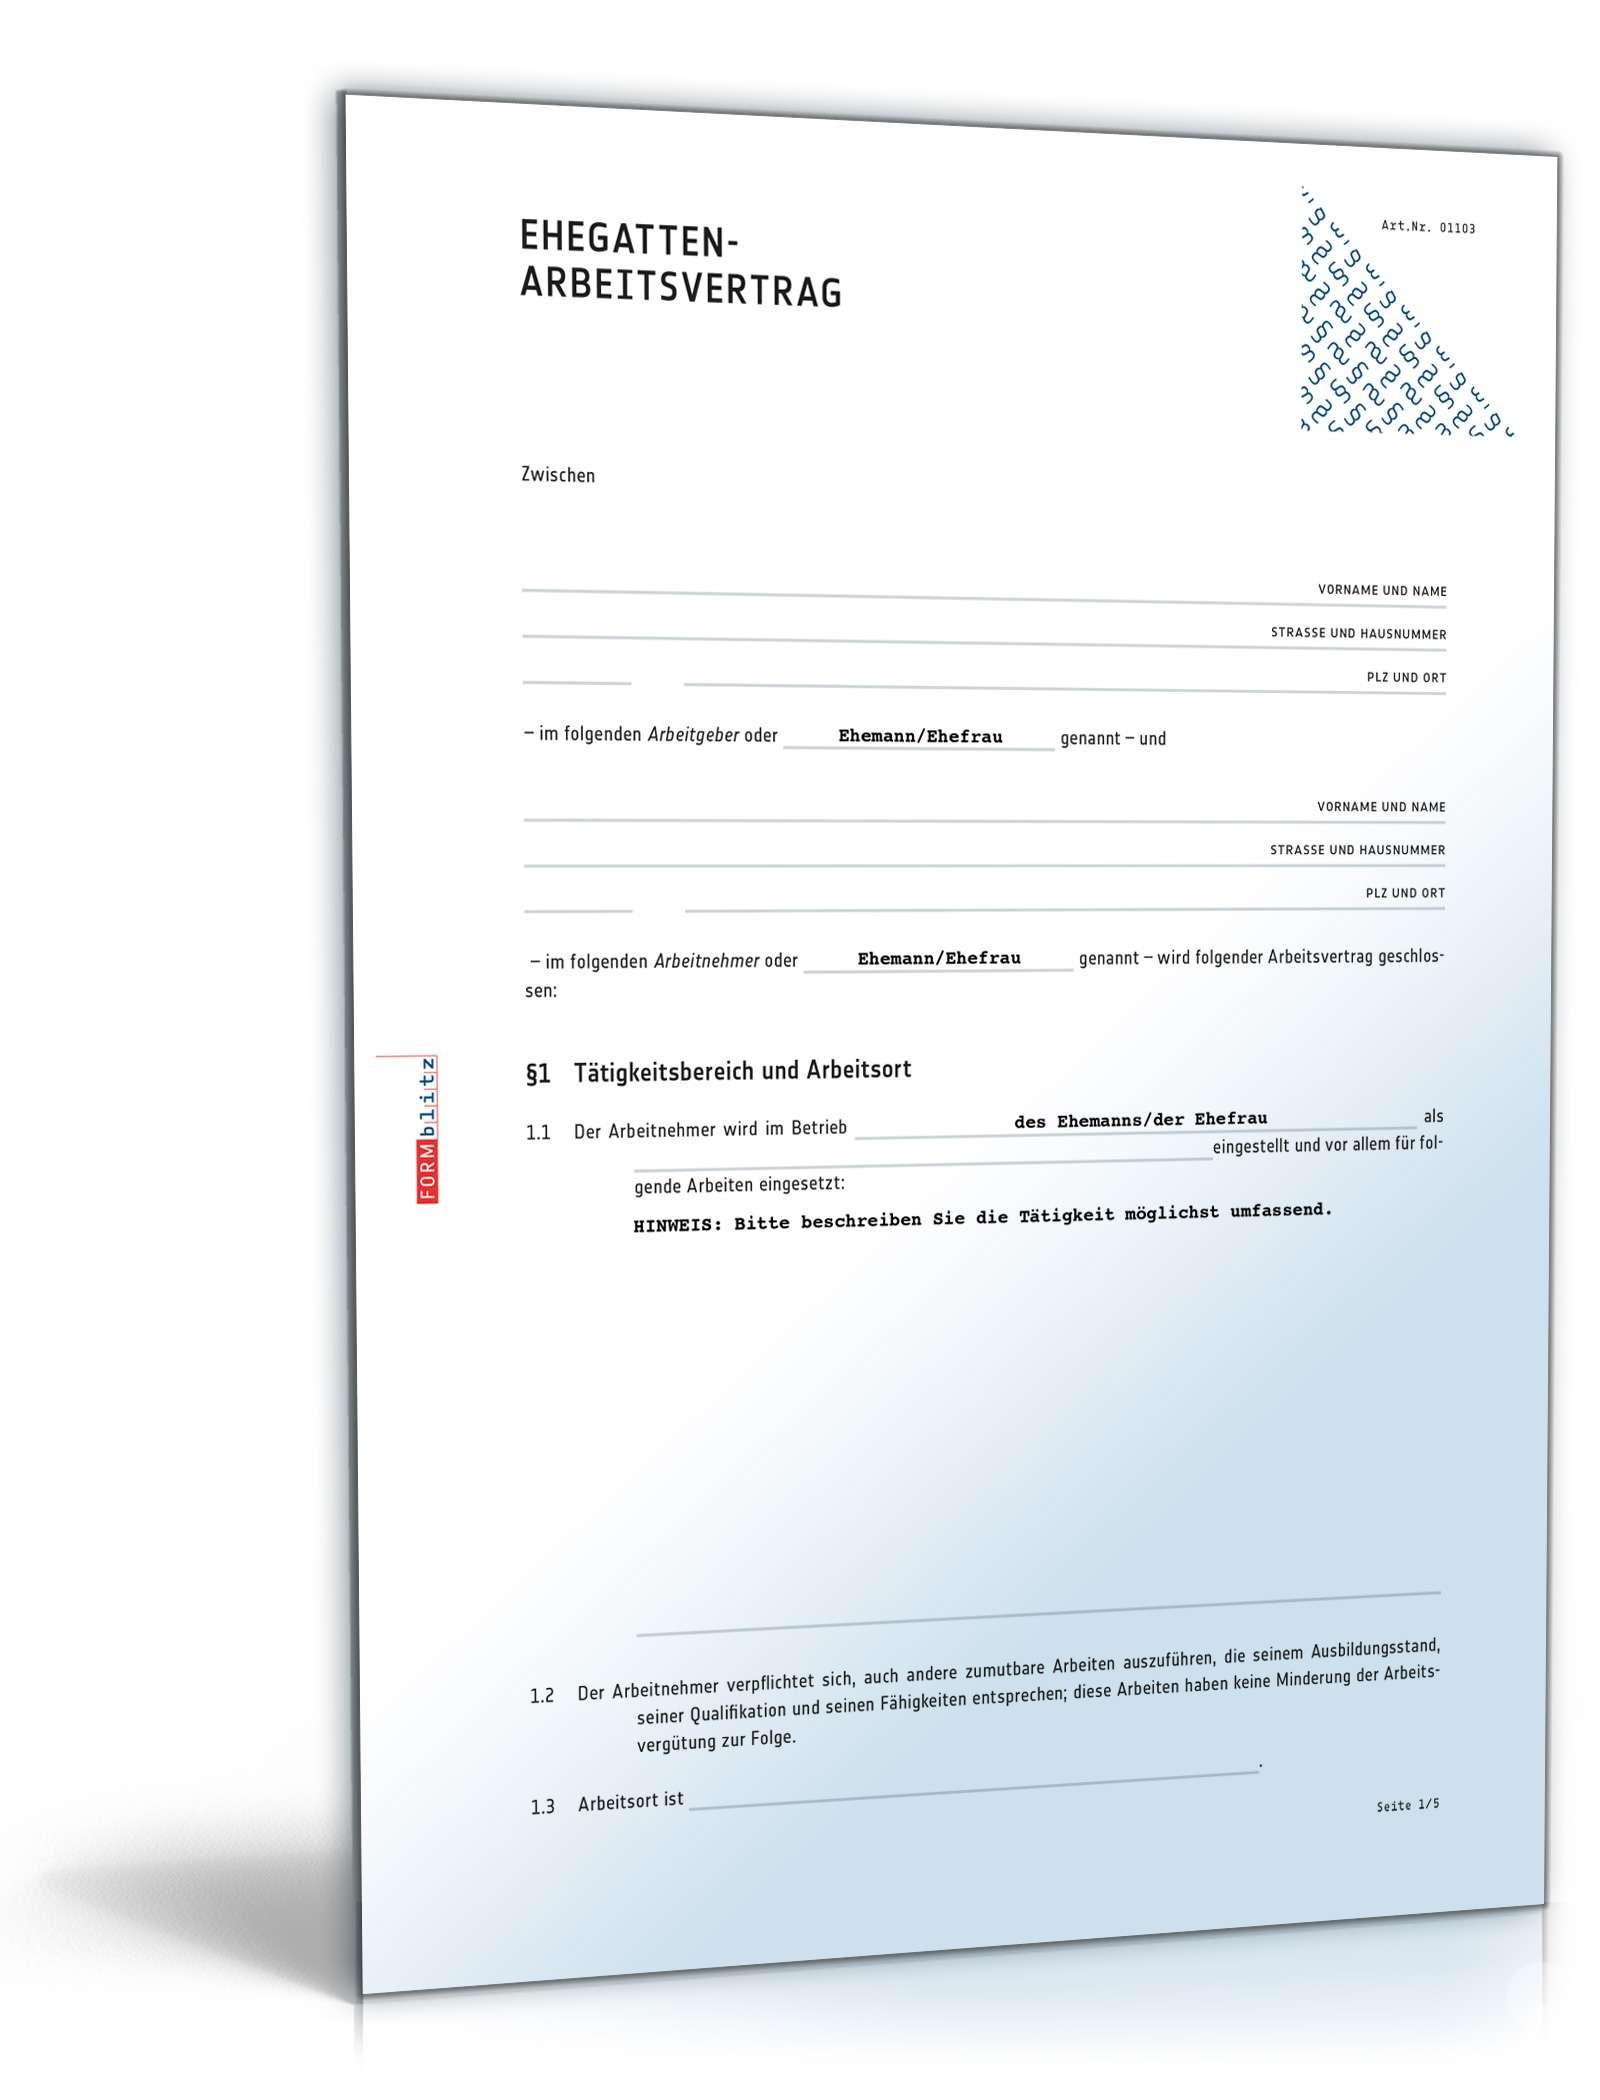 Ehegatten Arbeitsvertrag Anwaltsgeprüftes Muster Zum Download